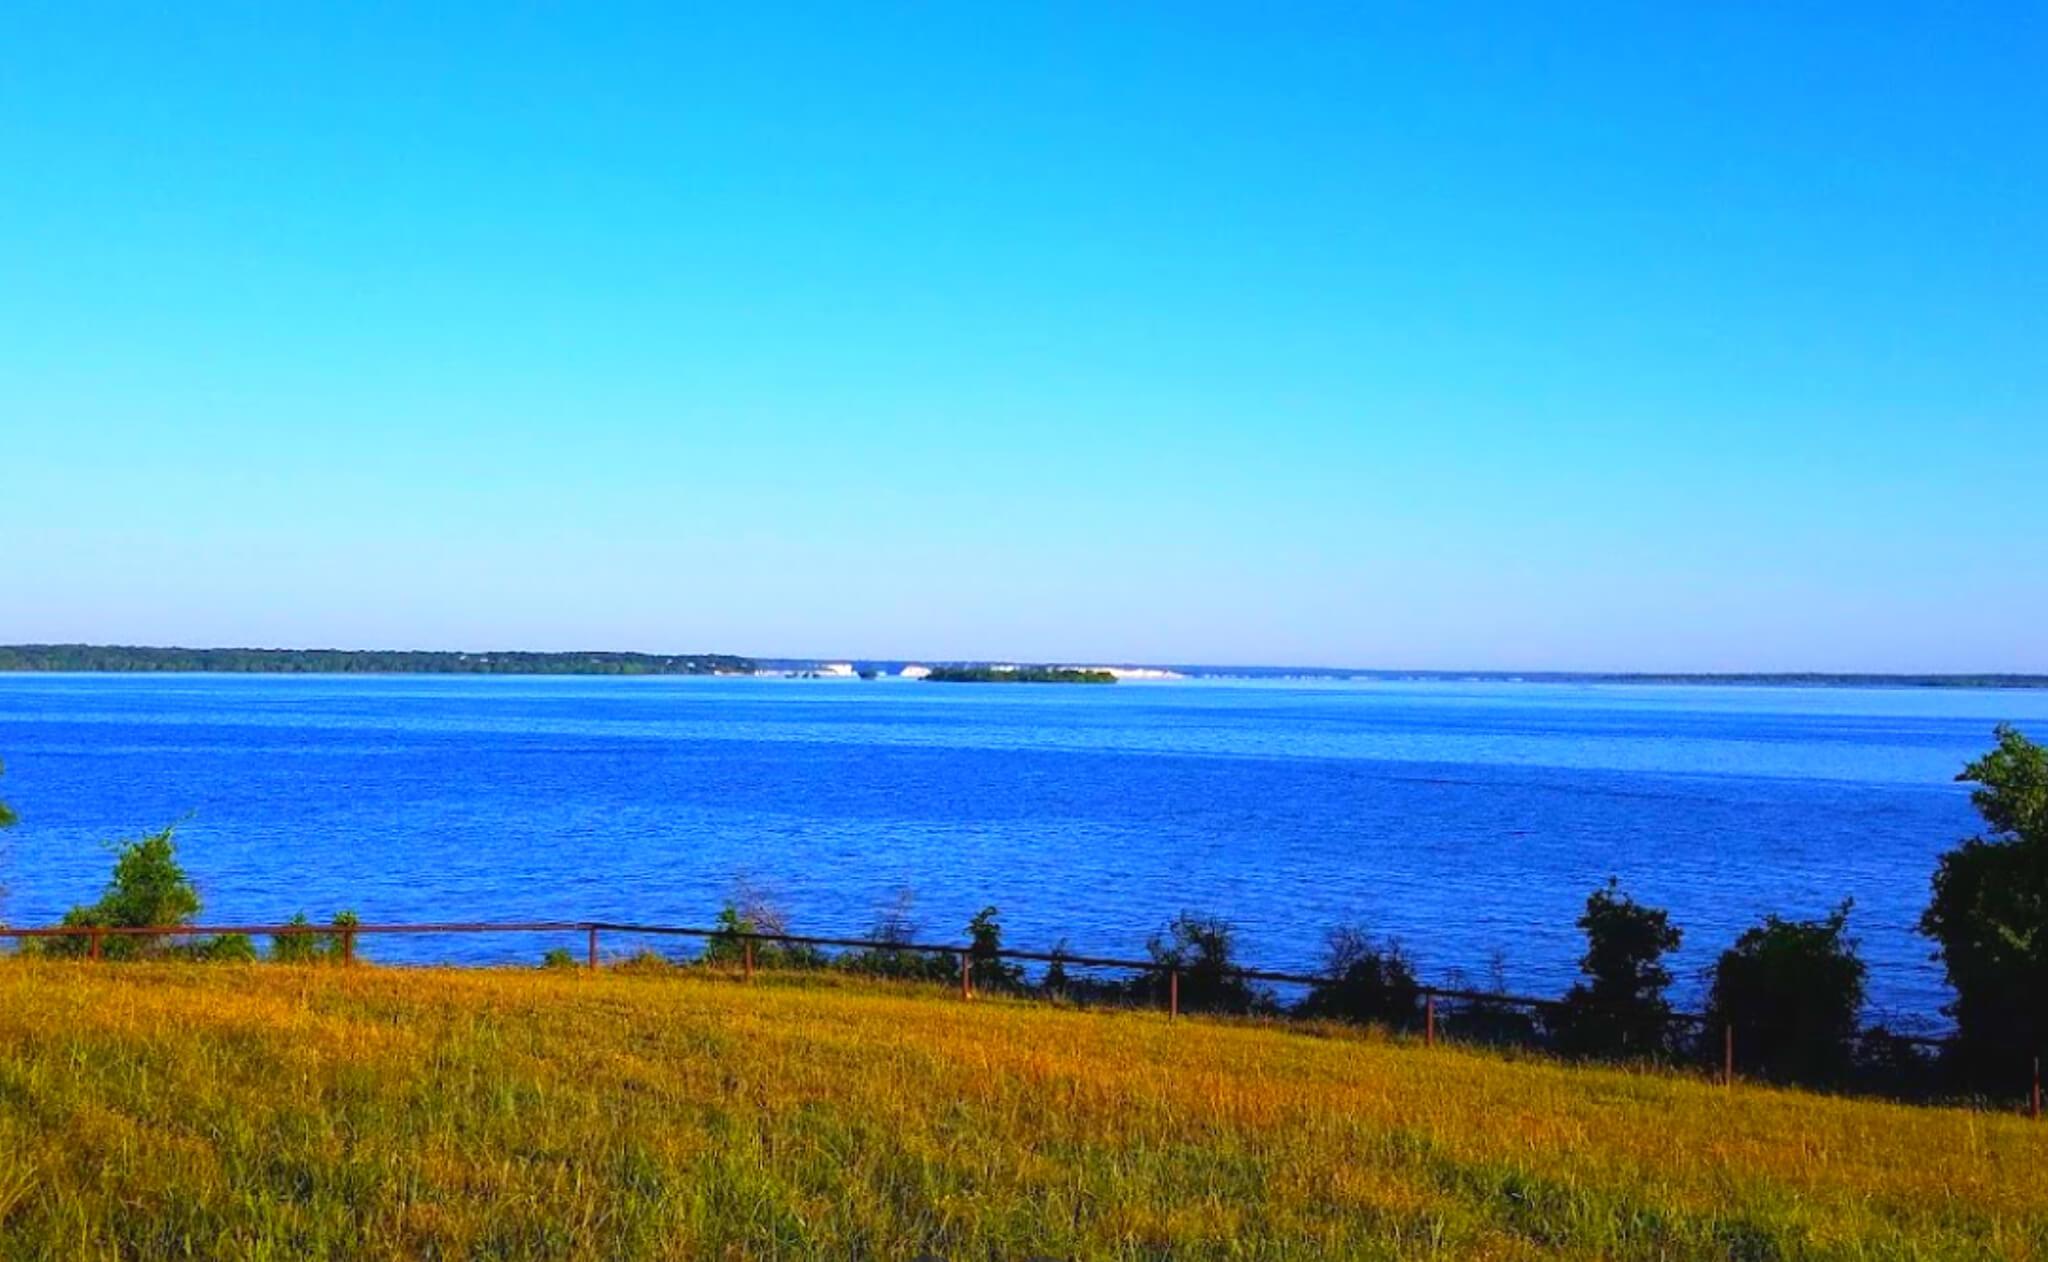 Whitney-Lake-Fishing-Report-Guide-Texas-TX-02